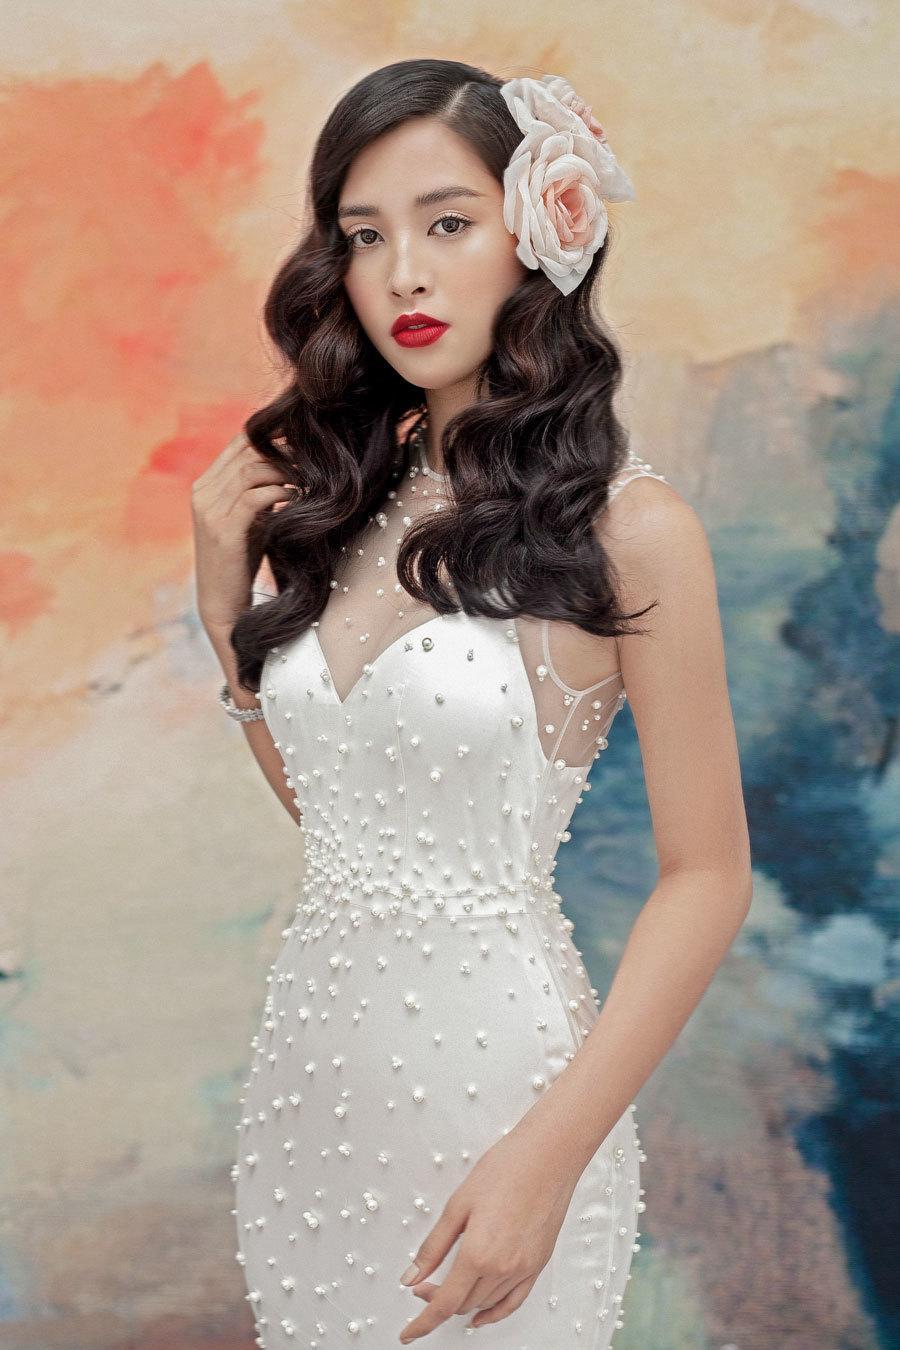 Hoa hậu Tiểu Vy lấp ló ngực đầy với đầm cắt xẻ Ảnh 1